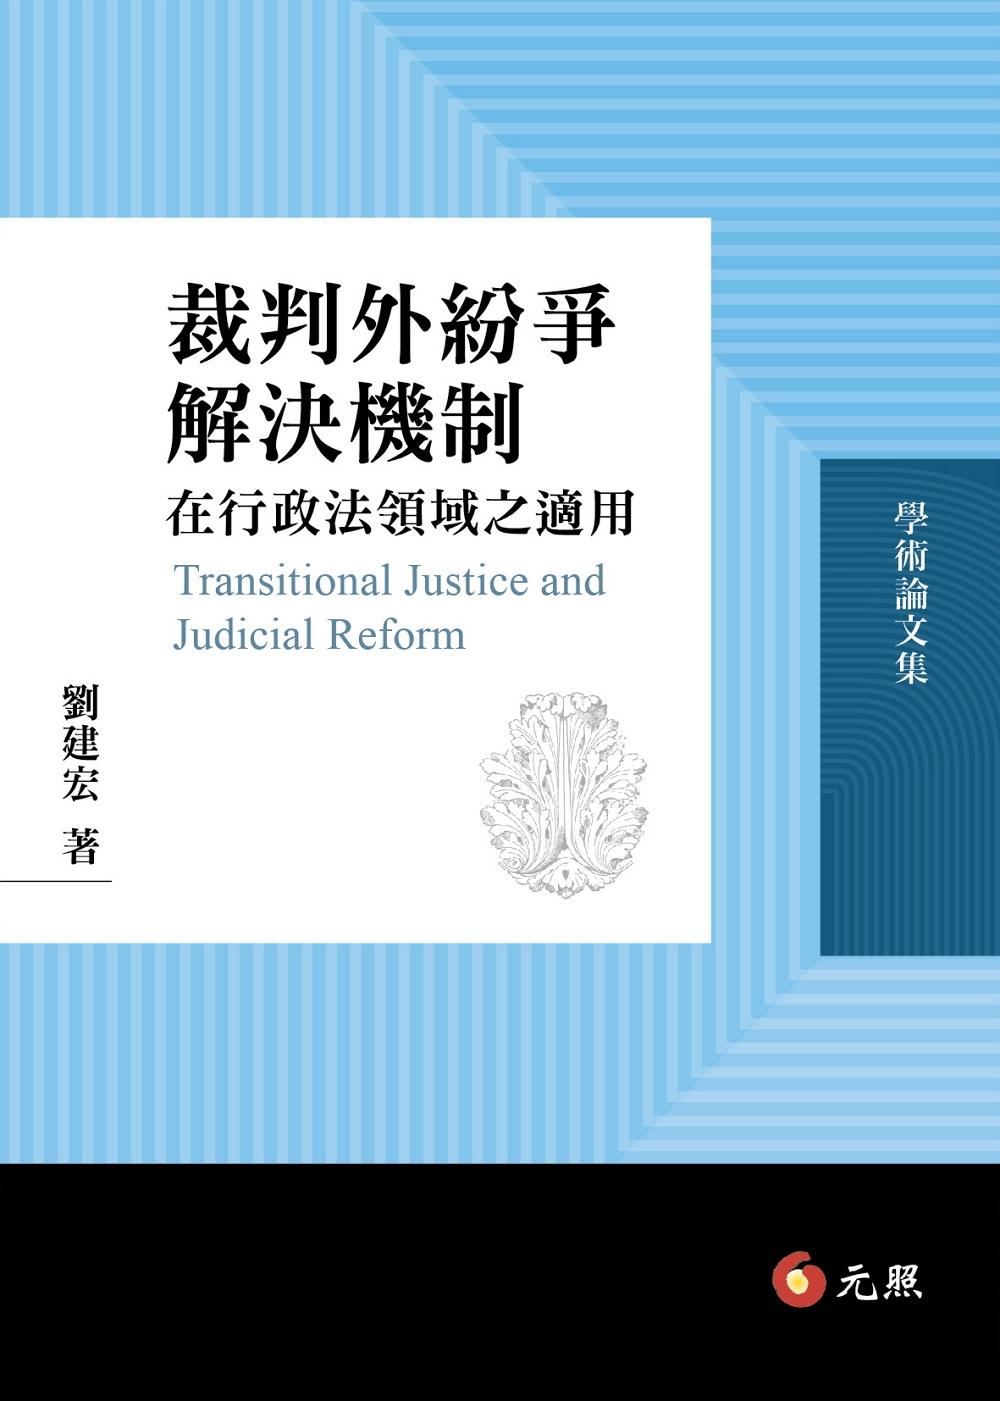 裁判外紛爭解決機制在行政法領域之適用